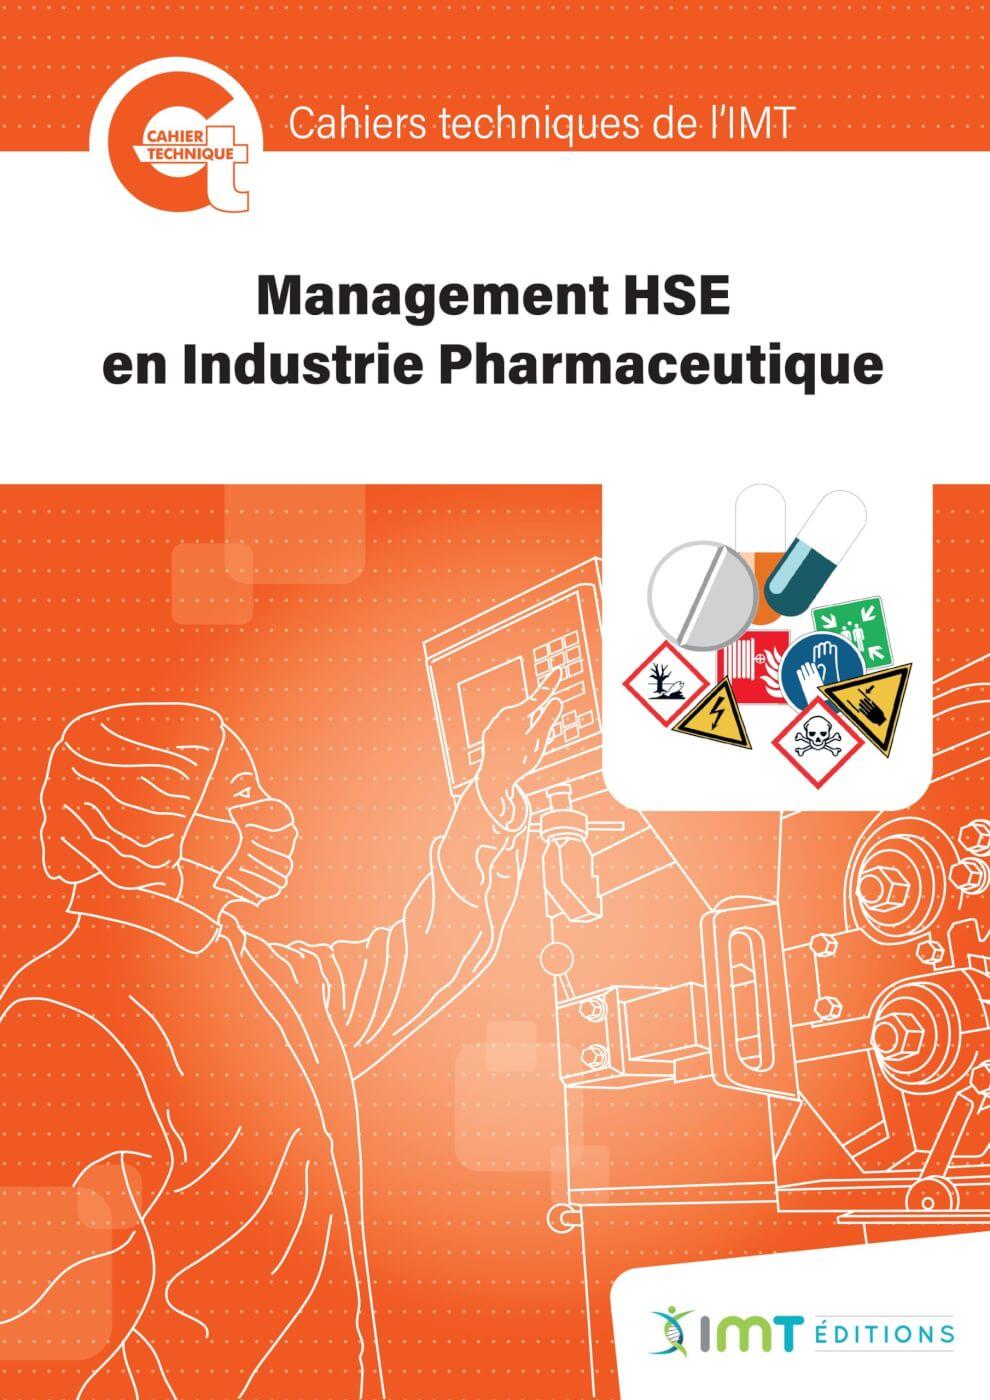 Cahier Technique « Management HSE en Industrie Pharmaceutique »